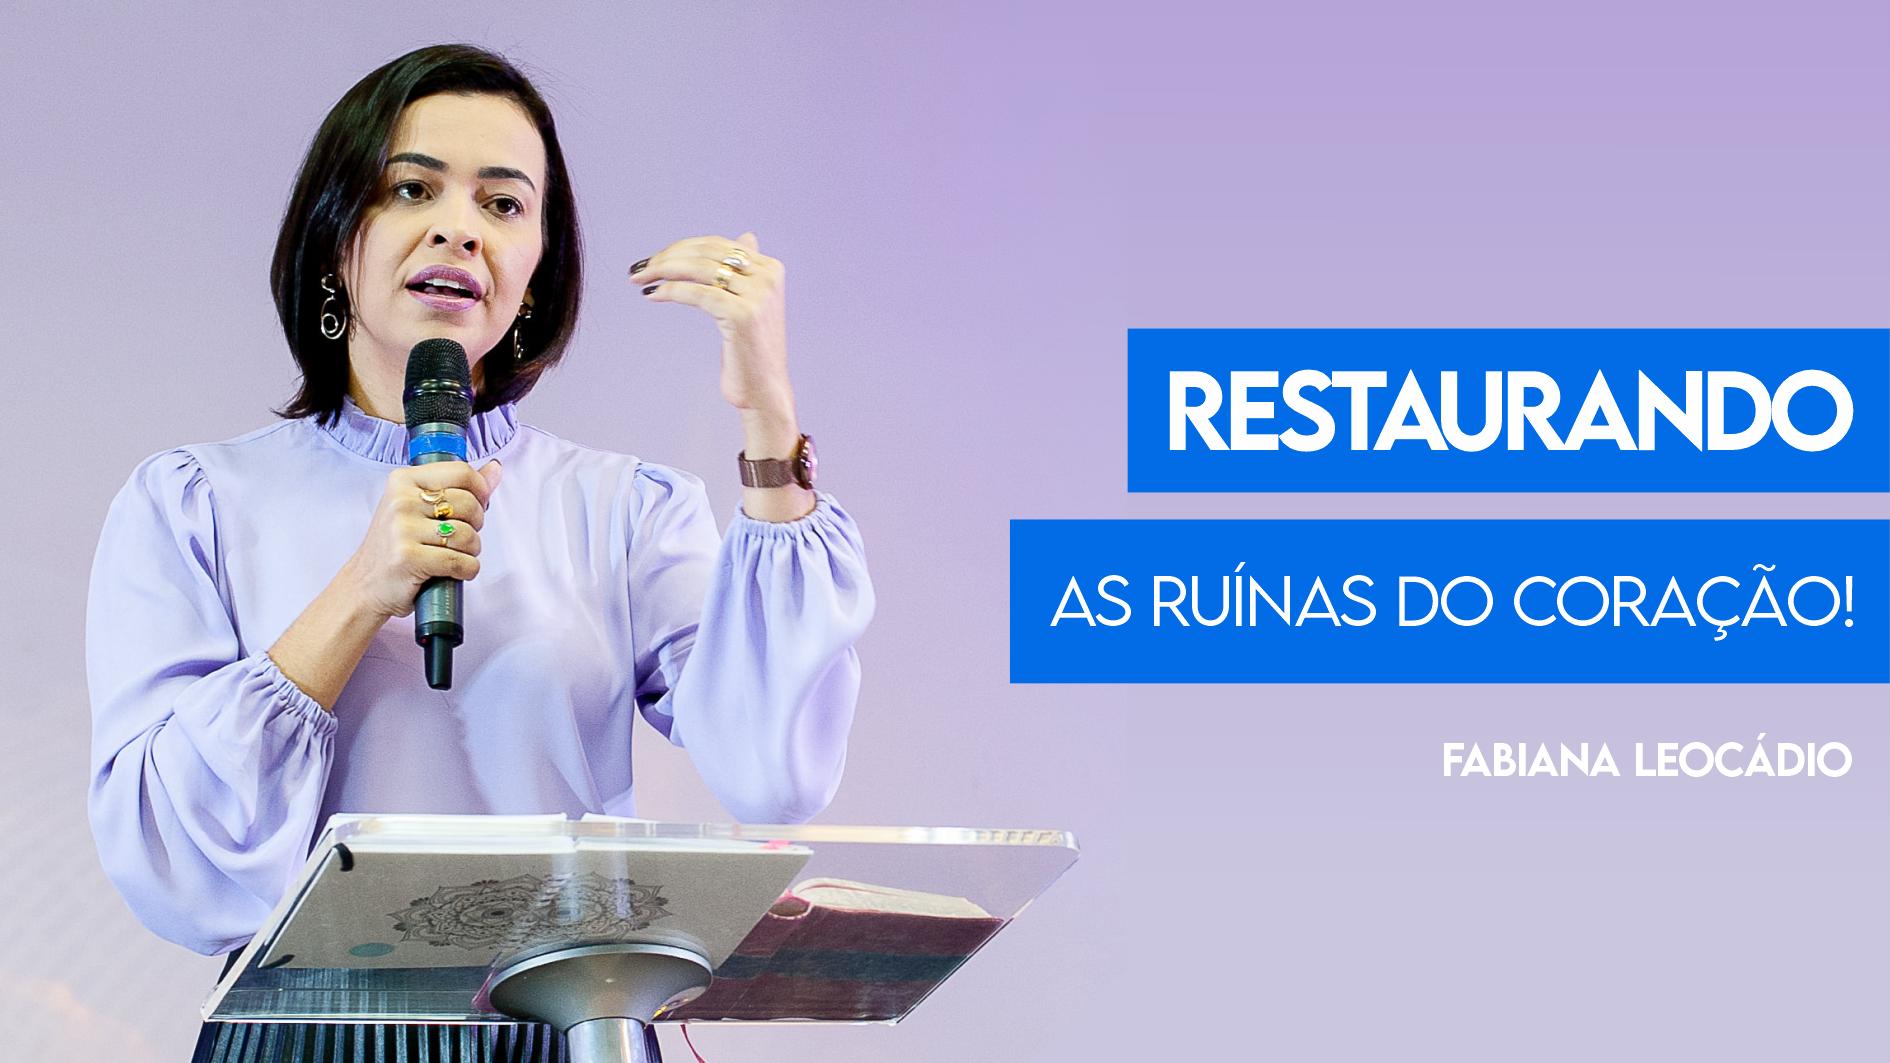 Restaurando as Ruínas do Coração!